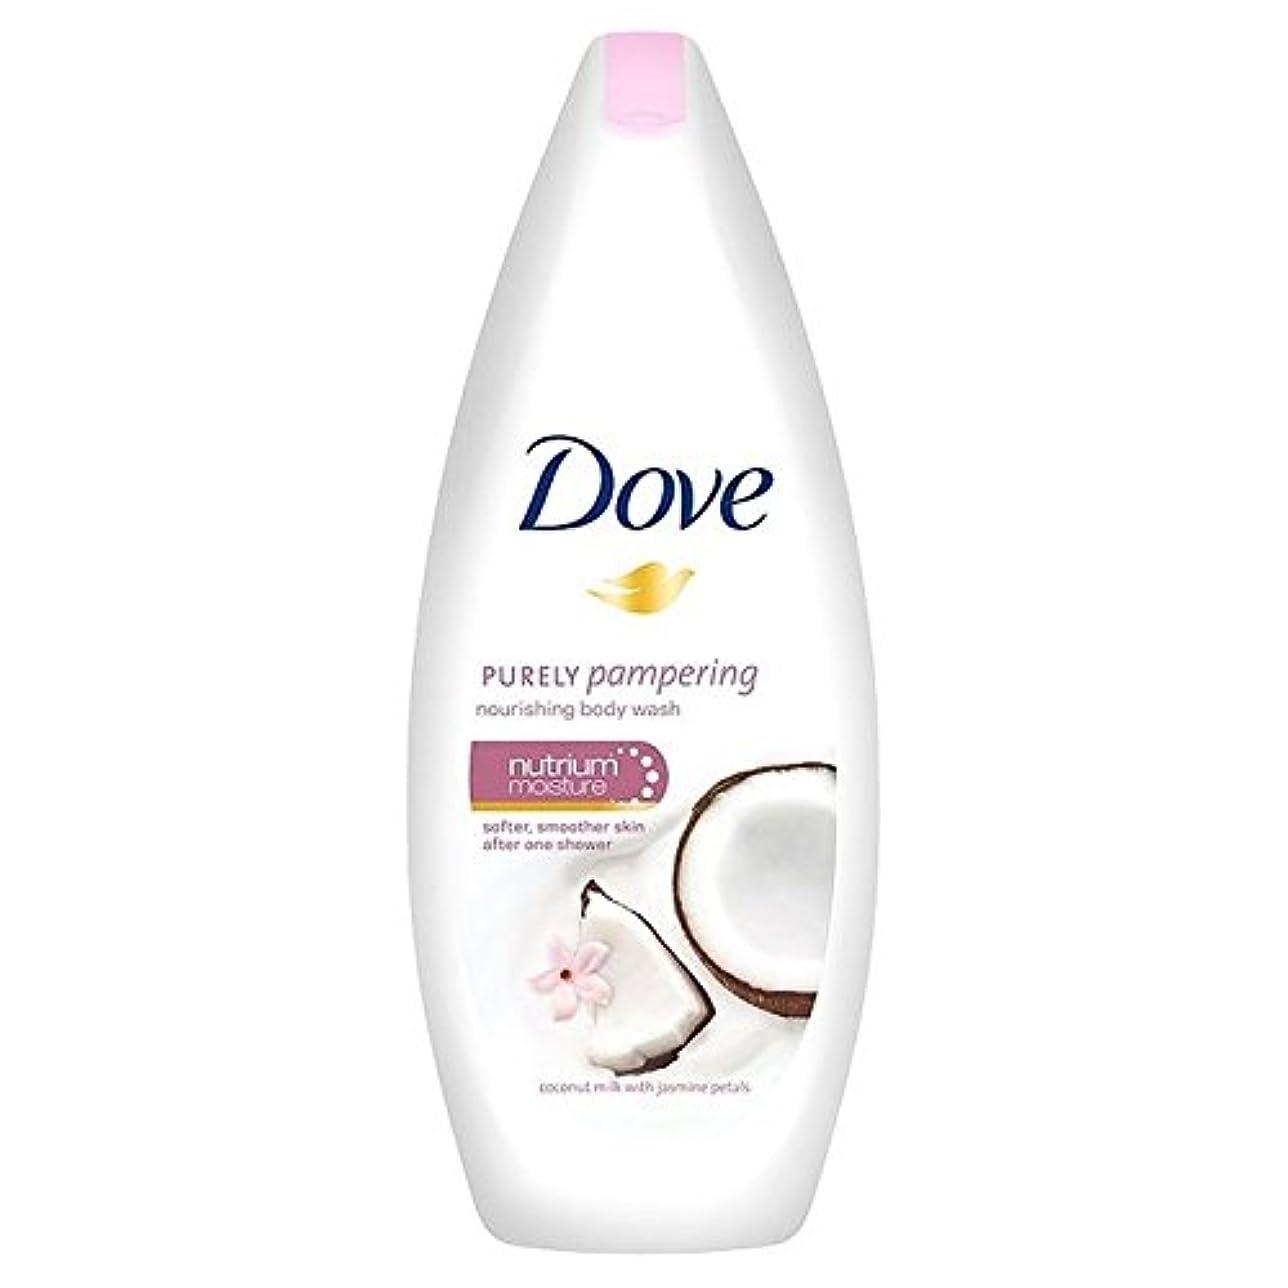 有望フィヨルドいじめっ子Dove Purely Pampering Coconut Body Wash 250ml - 鳩純粋に甘やかすココナッツボディウォッシュ250ミリリットル [並行輸入品]